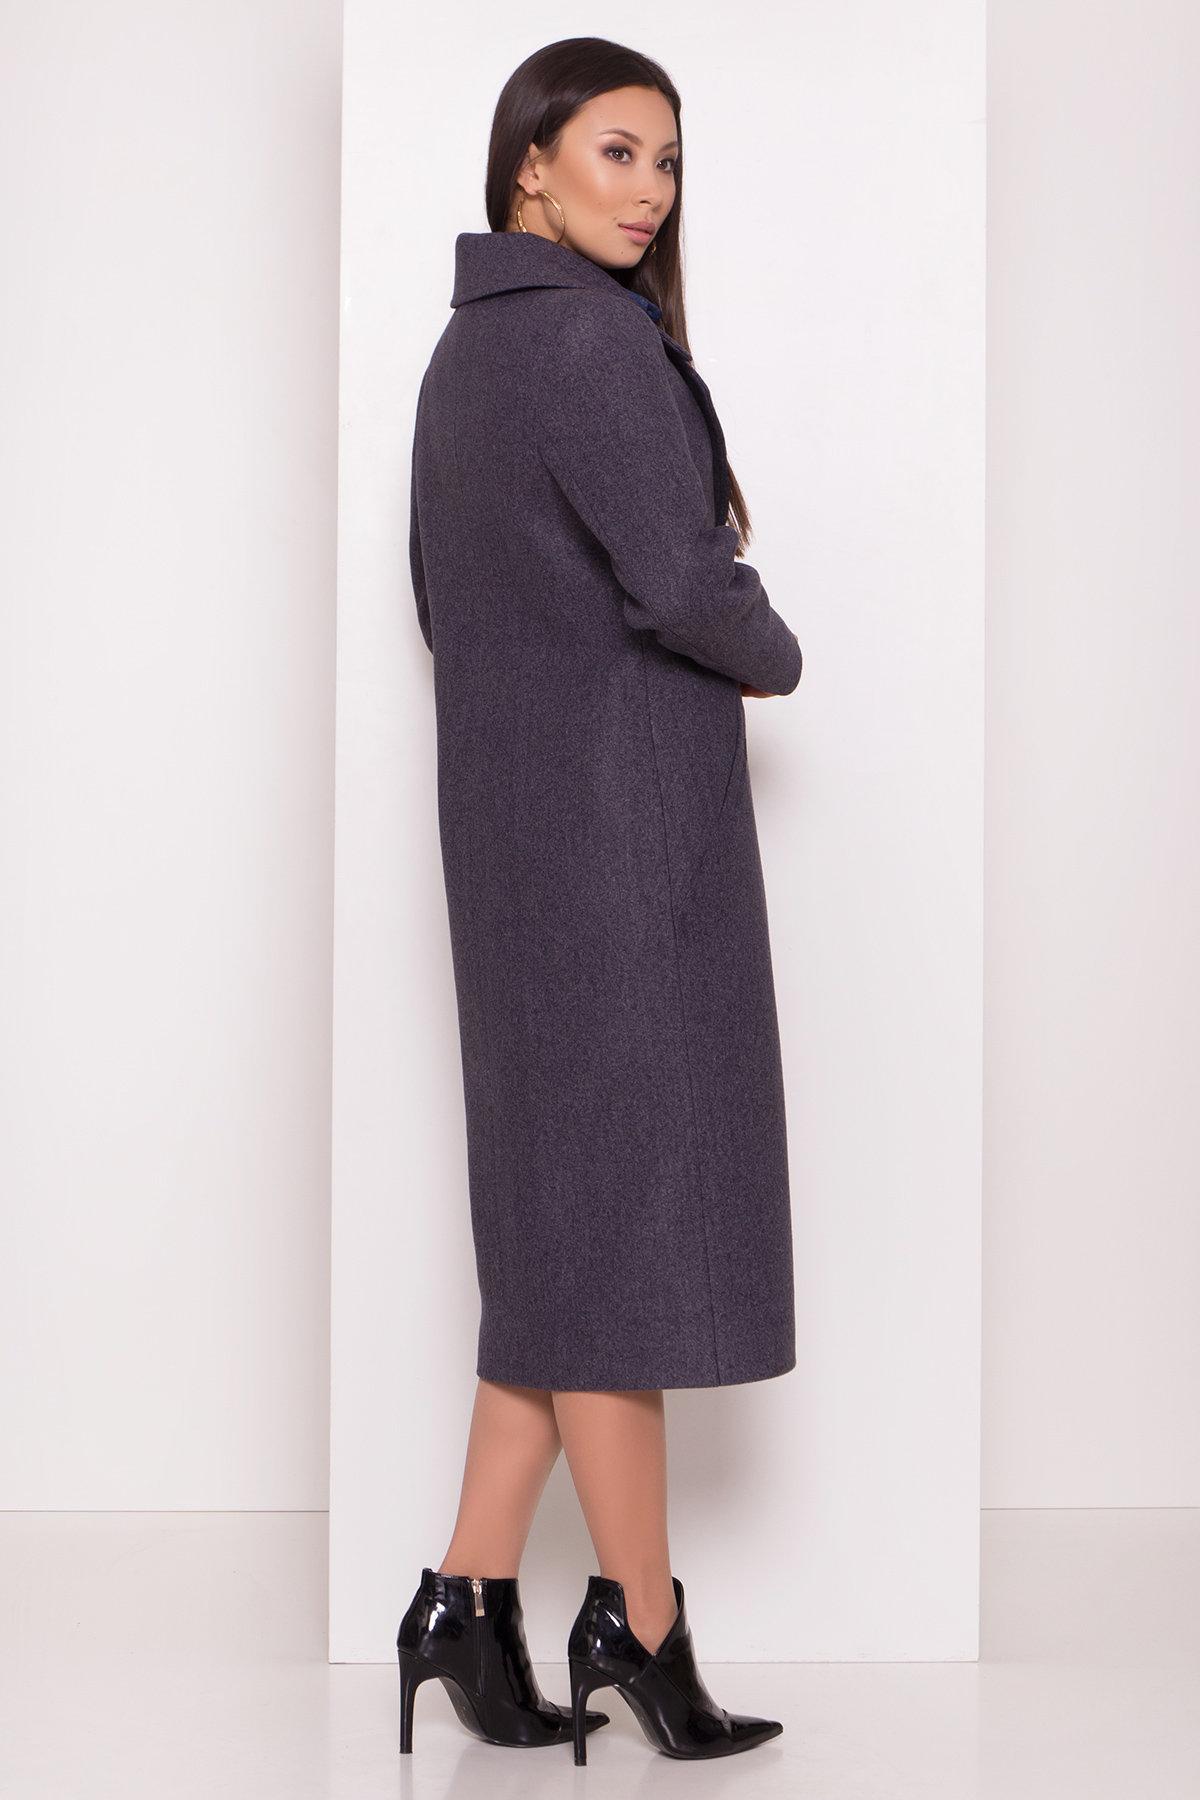 Пальто с английским воротником Миссури макси 8107 АРТ. 44054 Цвет: Т.синий 543 - фото 3, интернет магазин tm-modus.ru